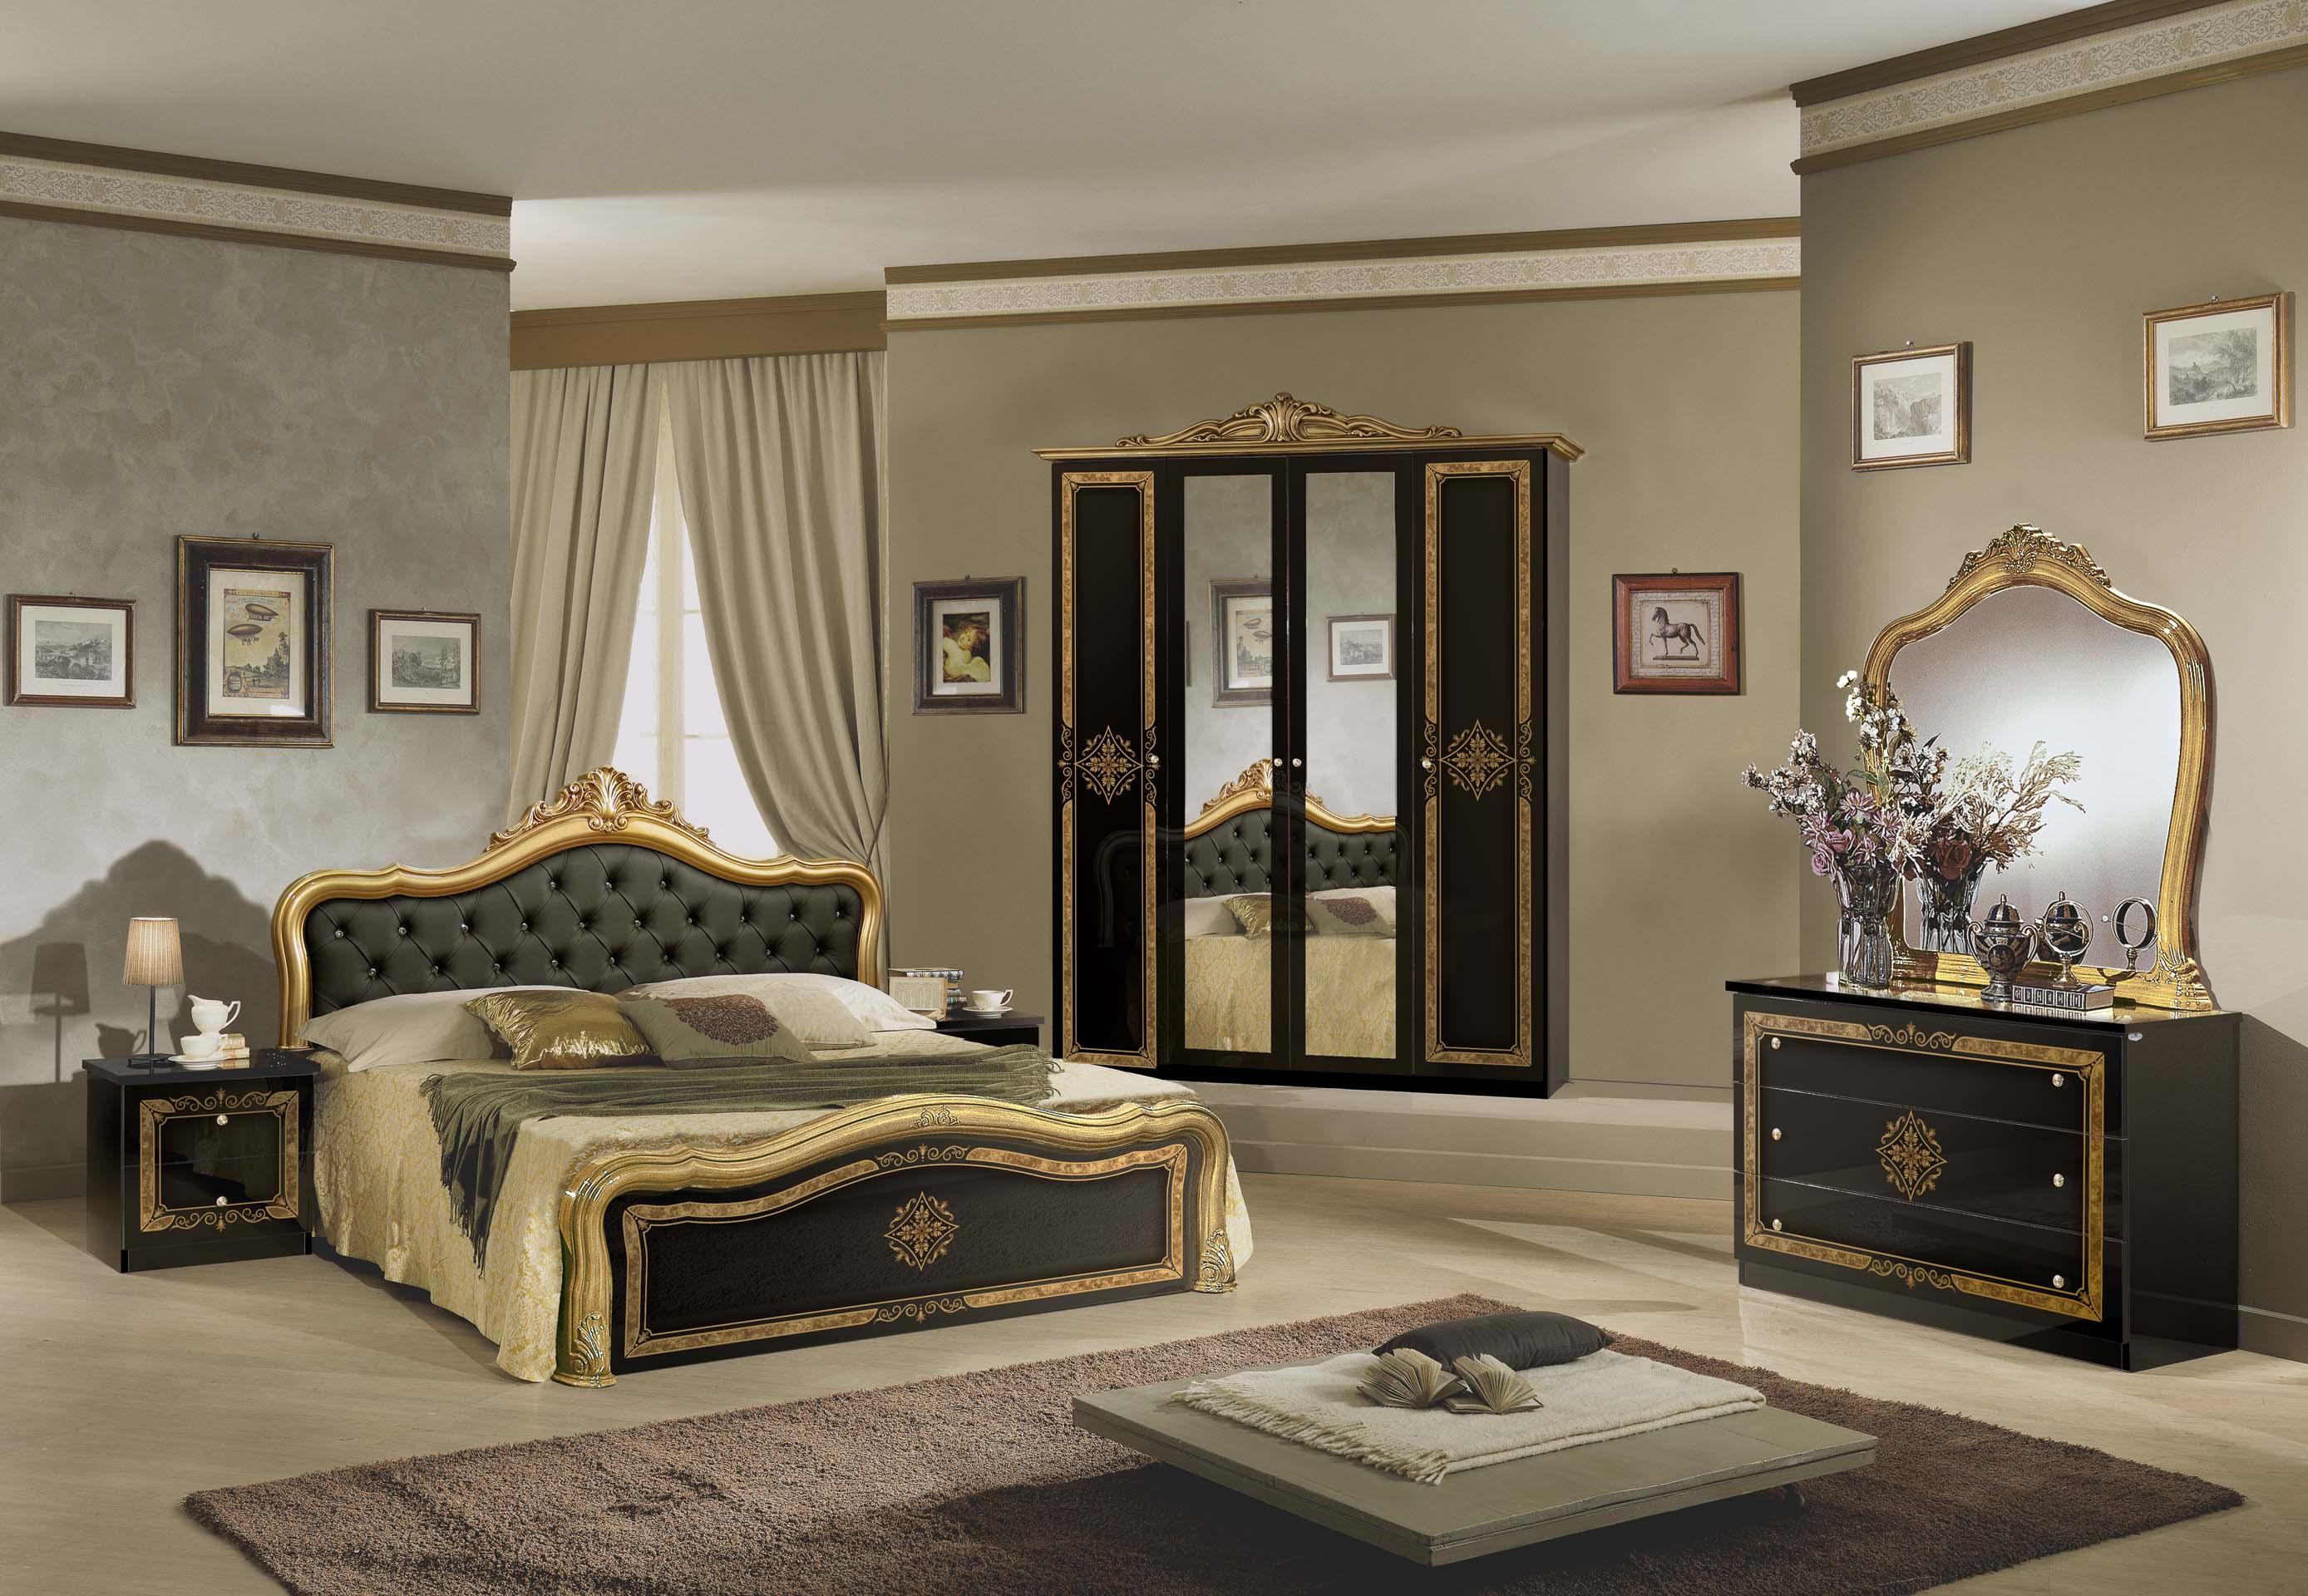 schlafzimmer schwarz gold lucy klassik barock stilm bel 180x200 dh lu nec ng tap 180. Black Bedroom Furniture Sets. Home Design Ideas